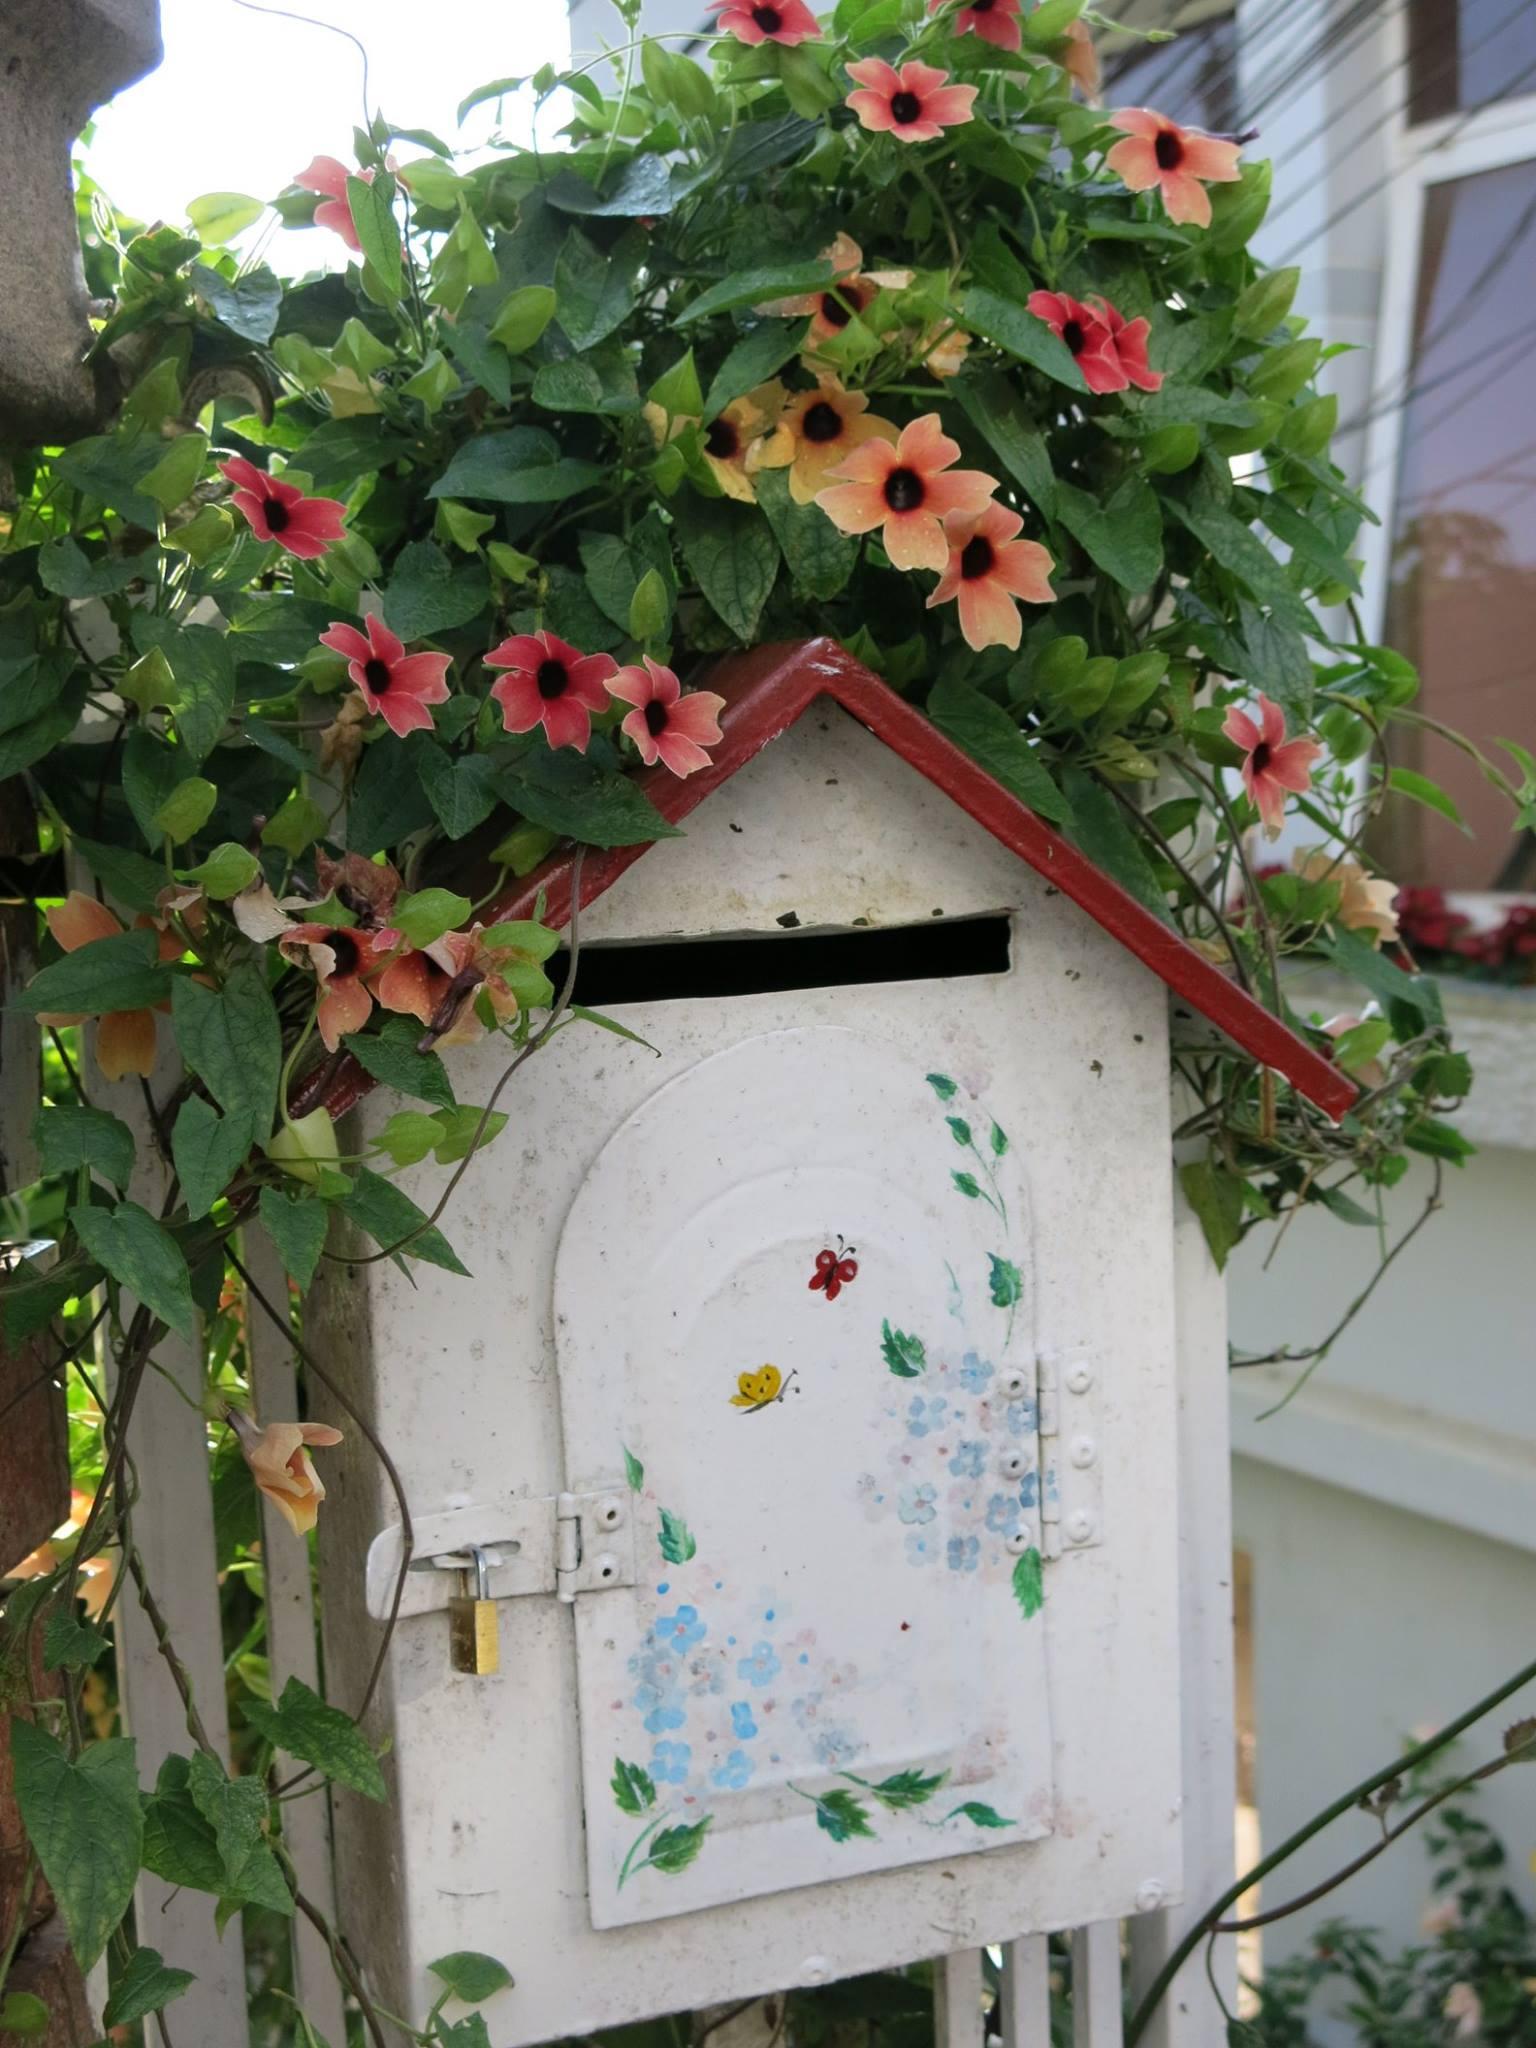 Từ bi bao quanh ngôi nhà của tử tế và bình thản